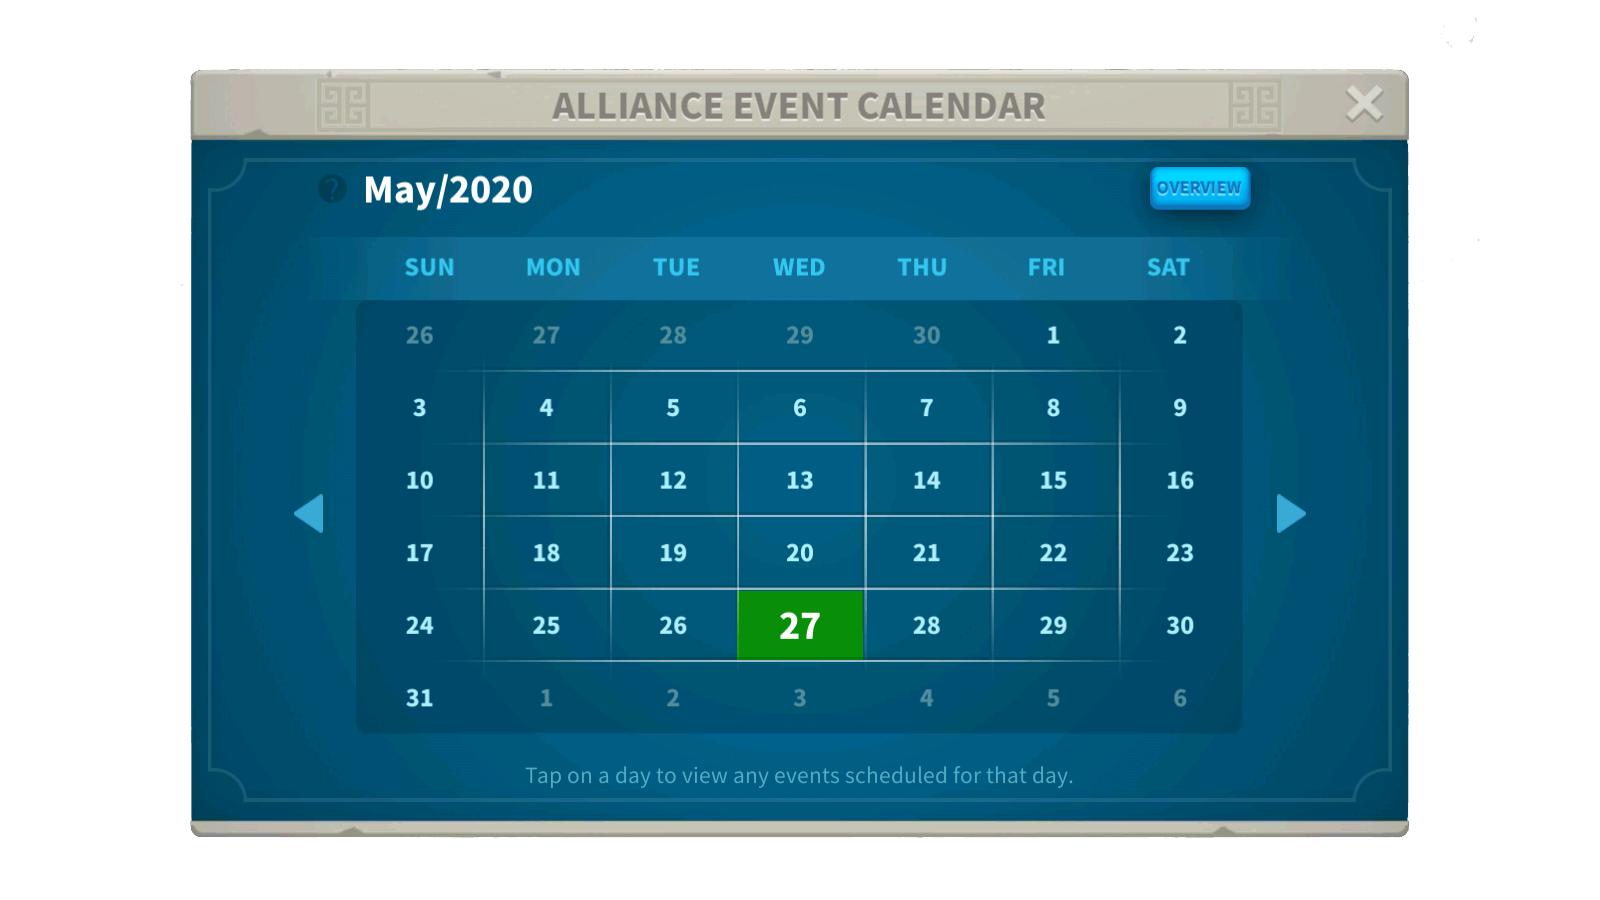 Alliance Event Calendar